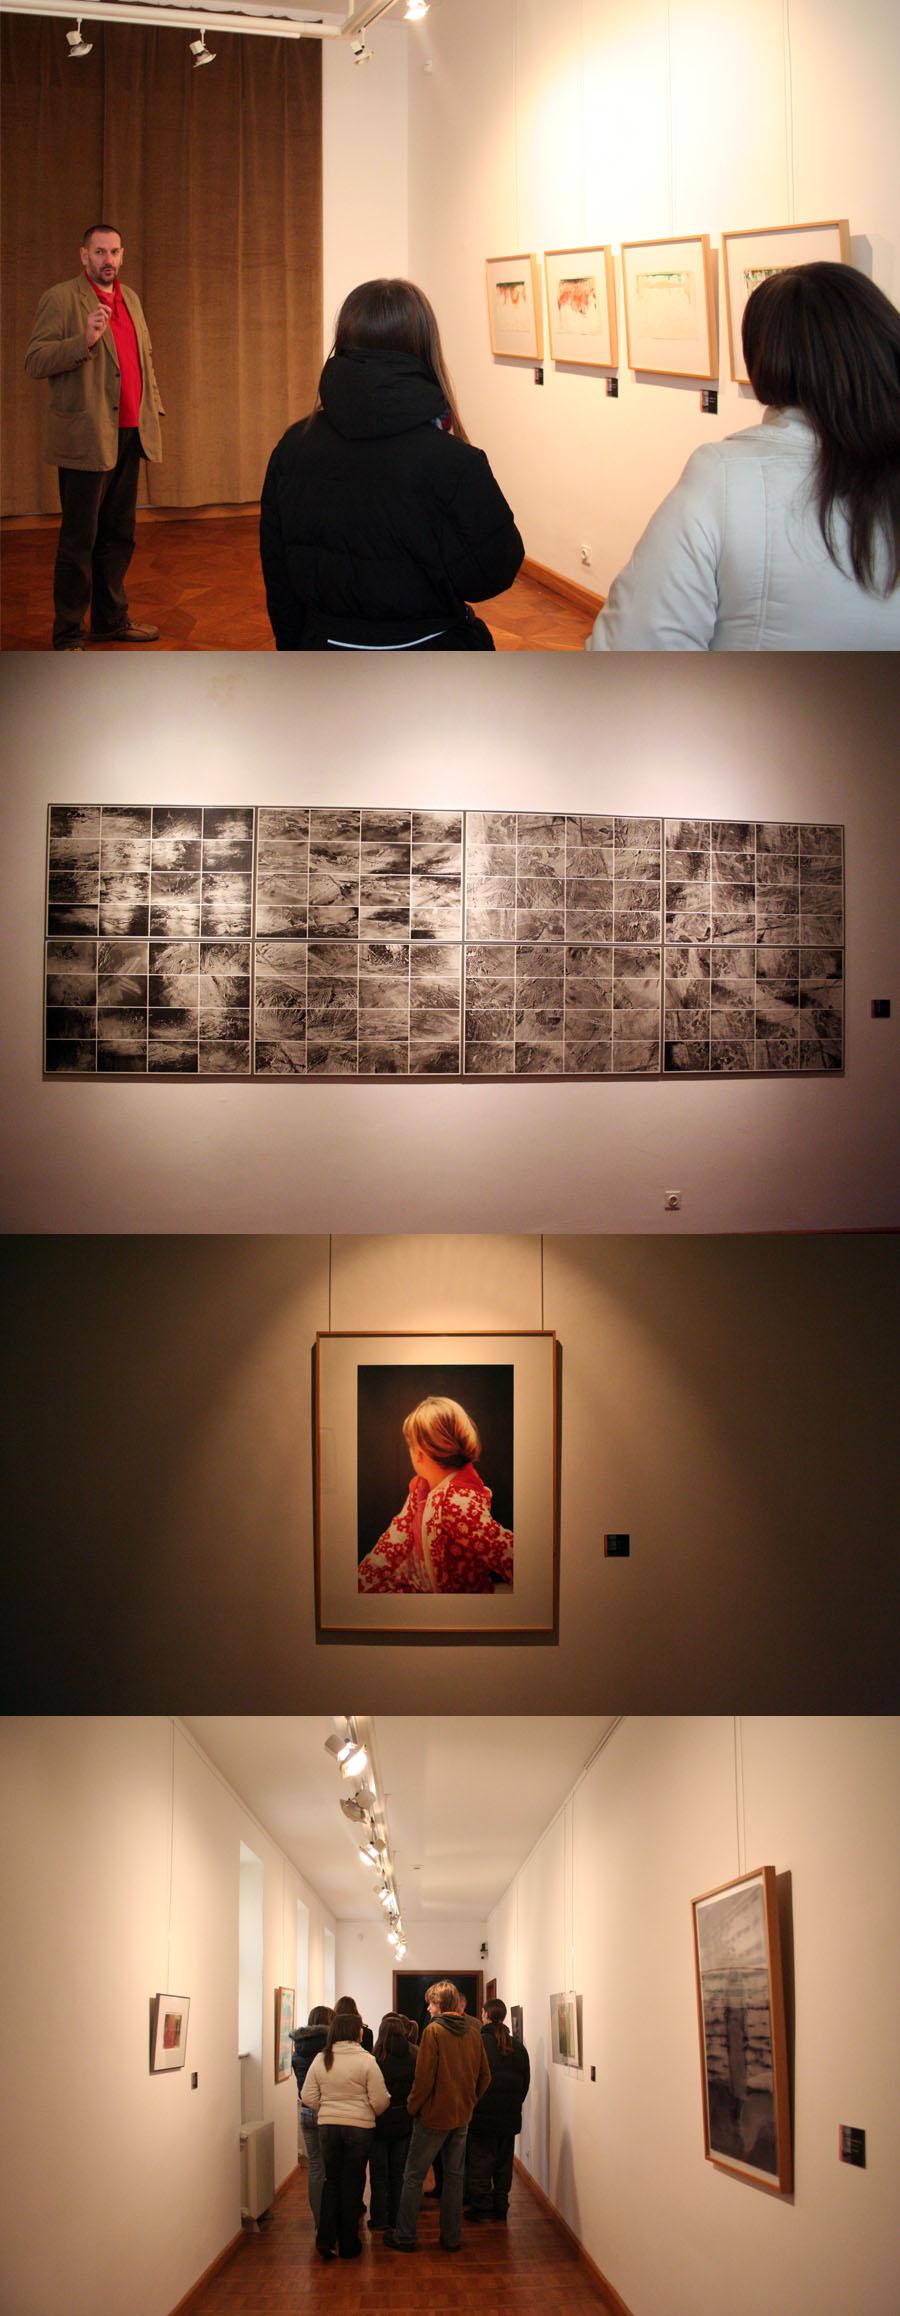 GLU: Gerhard Richter - retrospektivni pregled  U Galeriji likovnih umjetnosti (Europska avenija 9, Osijek) od petka 14. prosinca 2007. bit će postavljena izložba